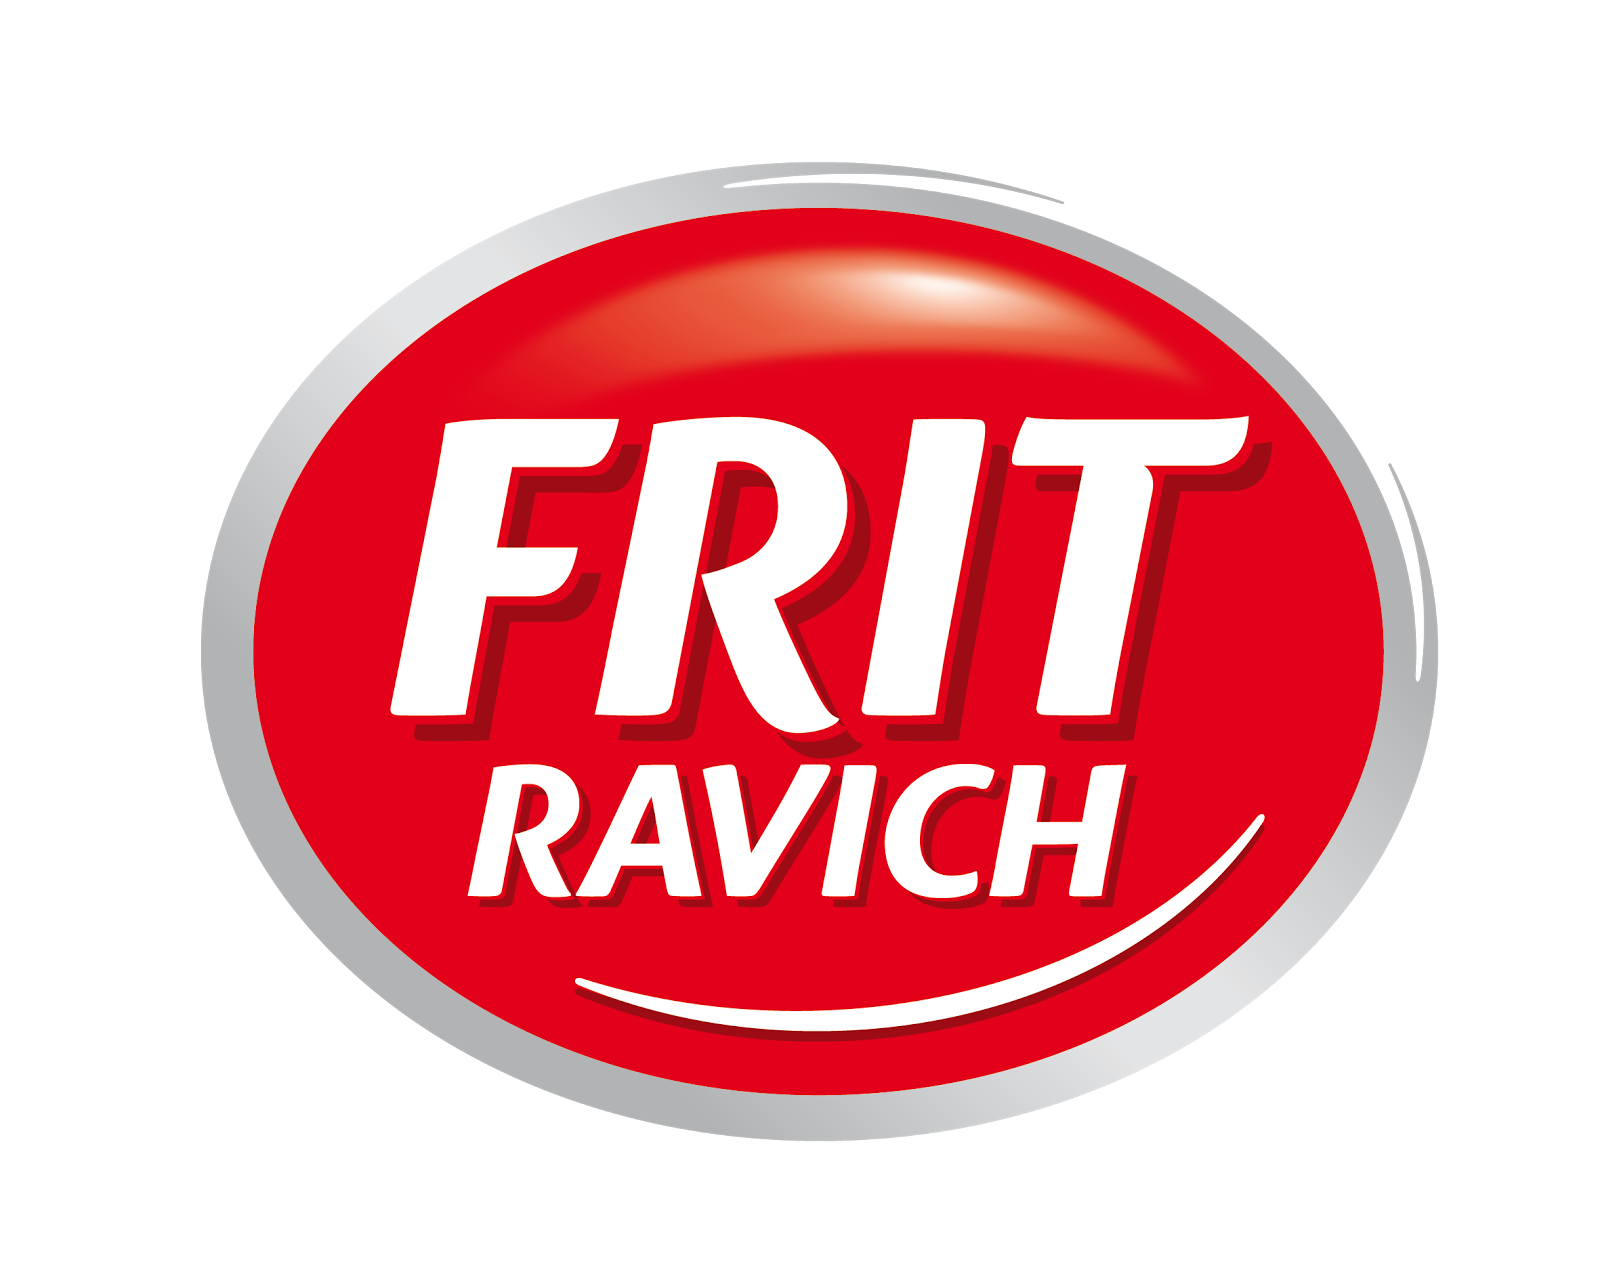 COL.LABORA FRIT RAVICH